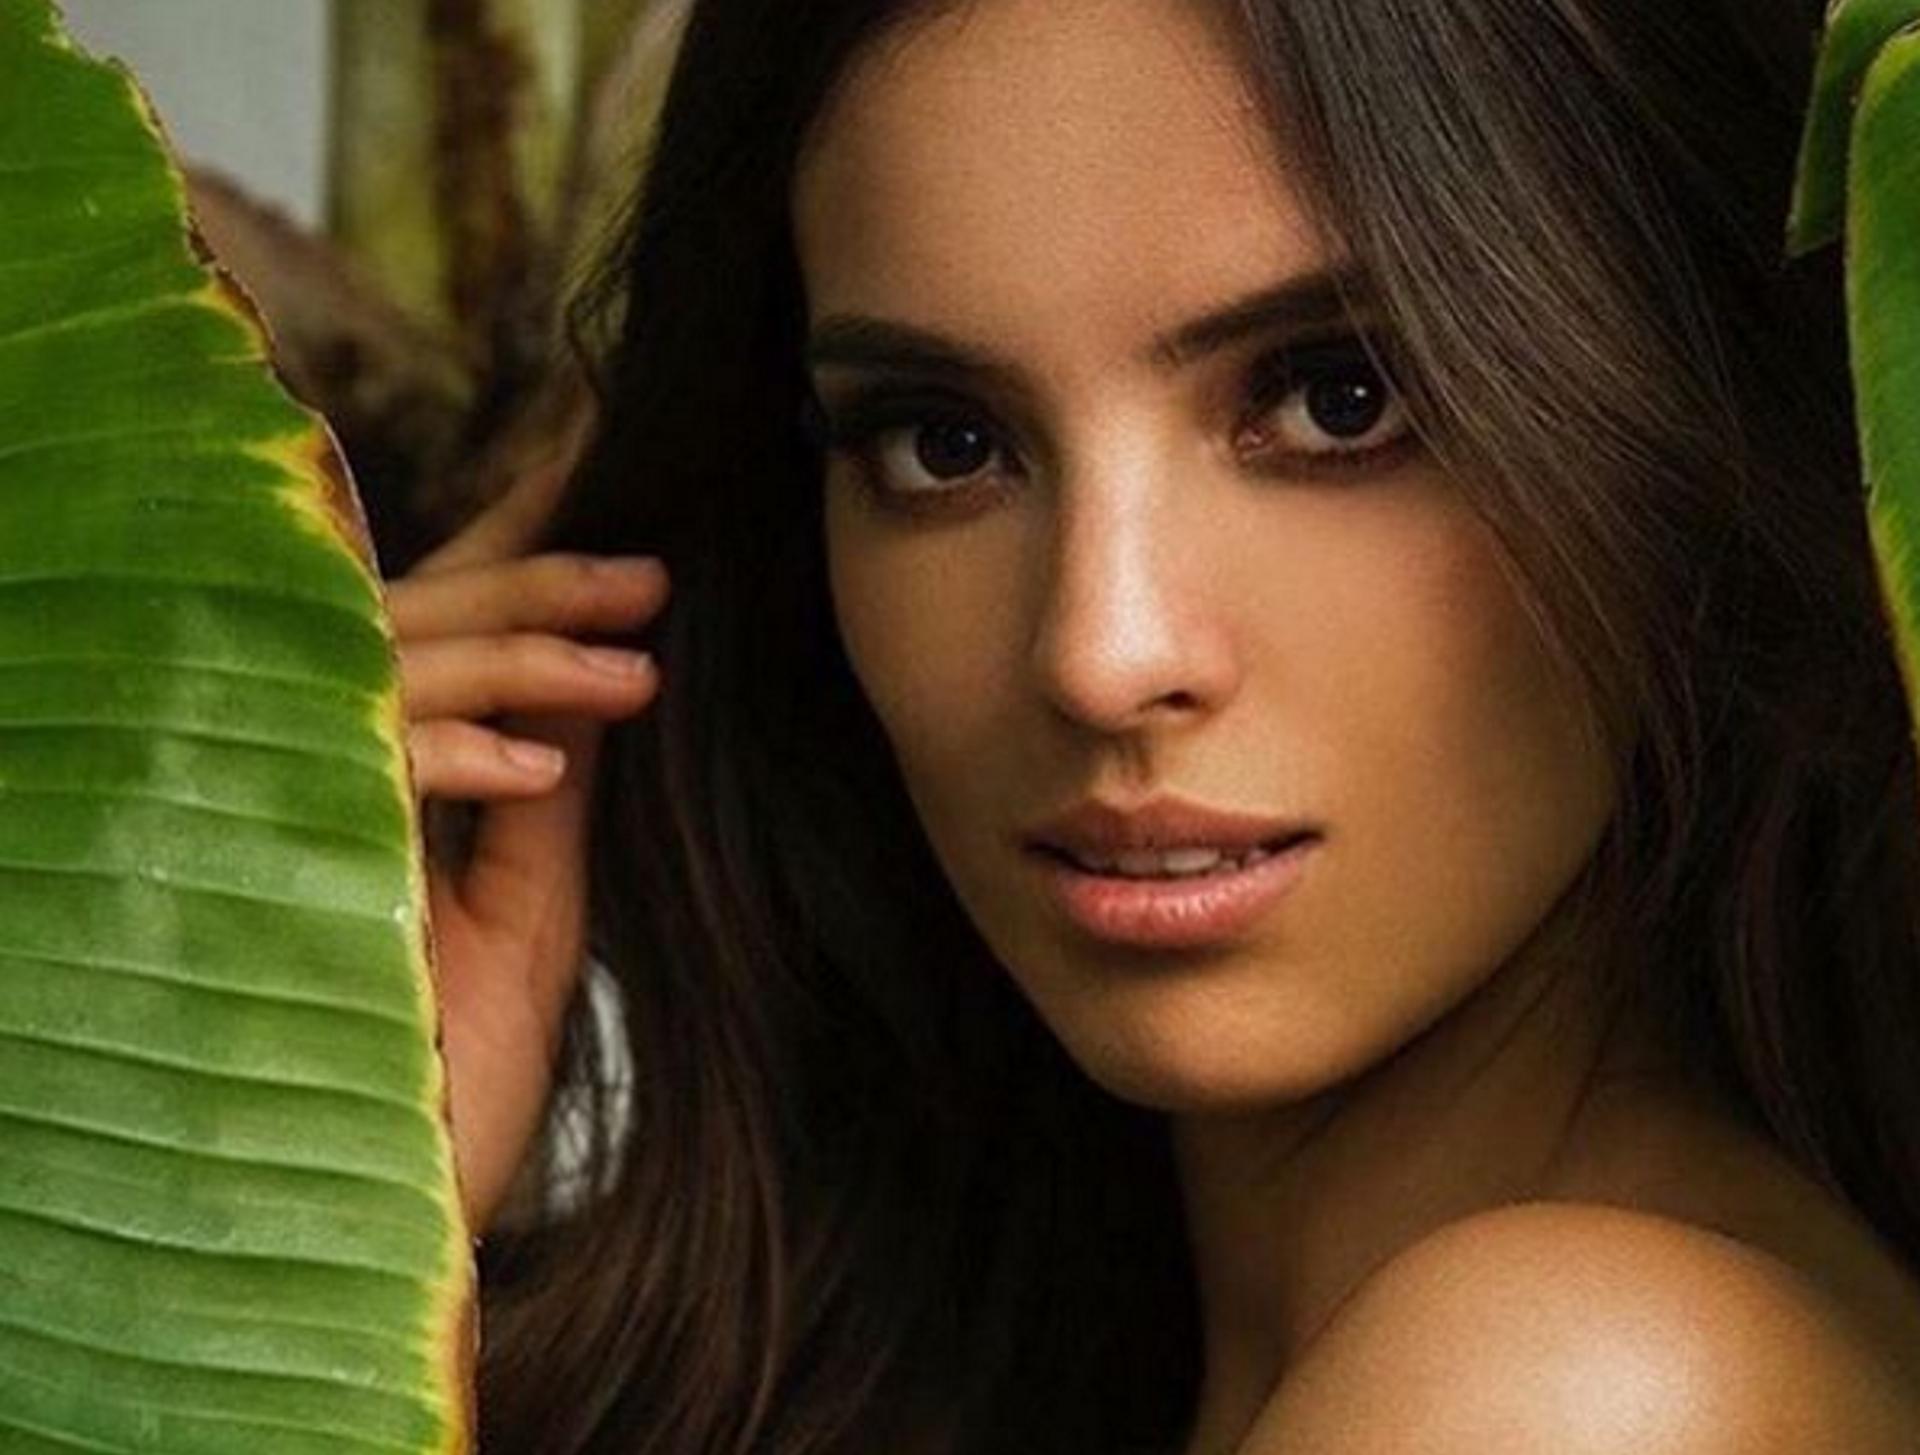 """Мексиканката Ванеса Понсе де Леон спечели титлата """"Мис Свят 2018"""" на 68-ото издание на международния конкурс за красота, който се състоя в китайския курортен град Саня."""